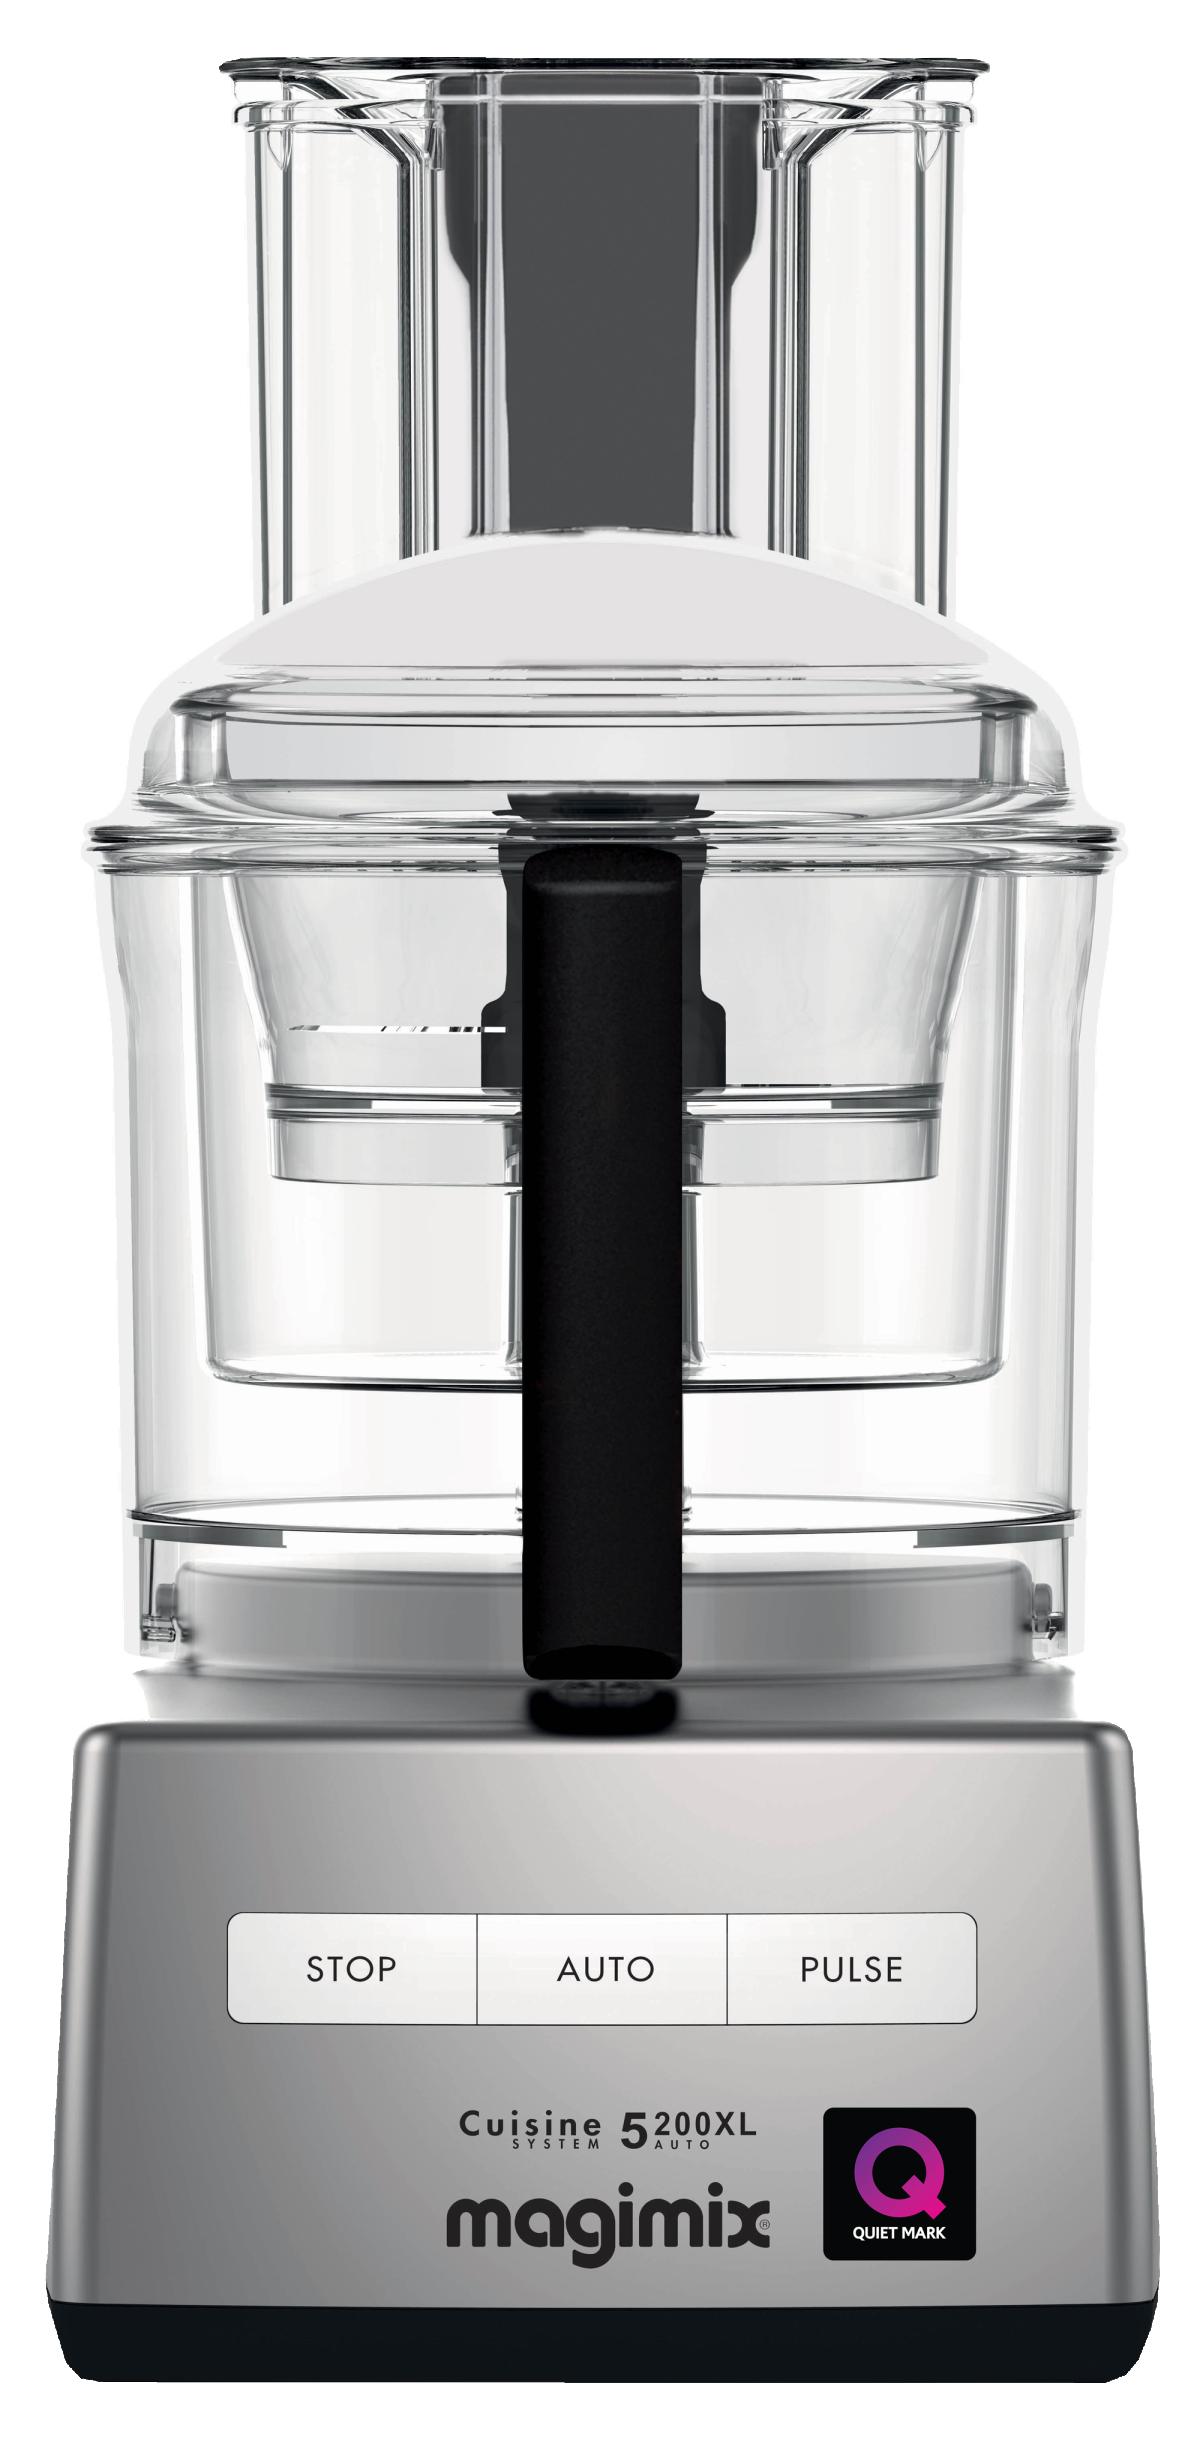 Magimix Cuisine Système 5200XL Food Processor